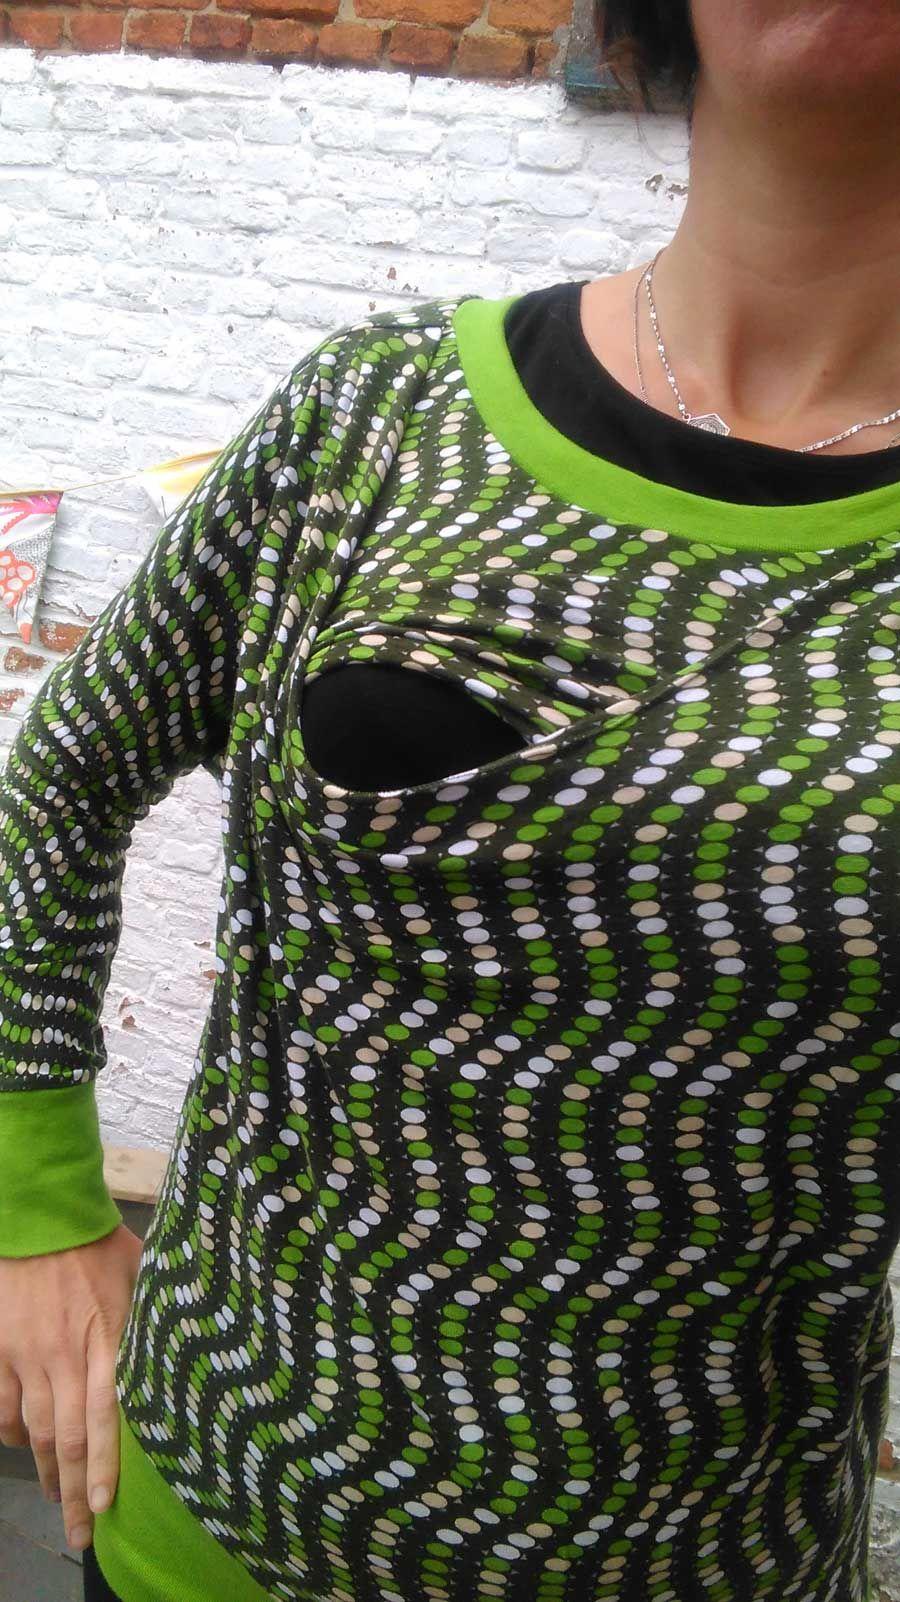 Julia for breastfeeding mums part 2 , Dit is een andere versie om de Julia om te vormen tot een borstvoedingstrui. Deze keer knipte ik 2 maal een voorpand met diepe kraag. Het onderste vo...  #contest2015 #Juliasweater #patternhack Check more at https://compagnie-m.com/blog/julia-for-breastfeeding-mums-part-2/